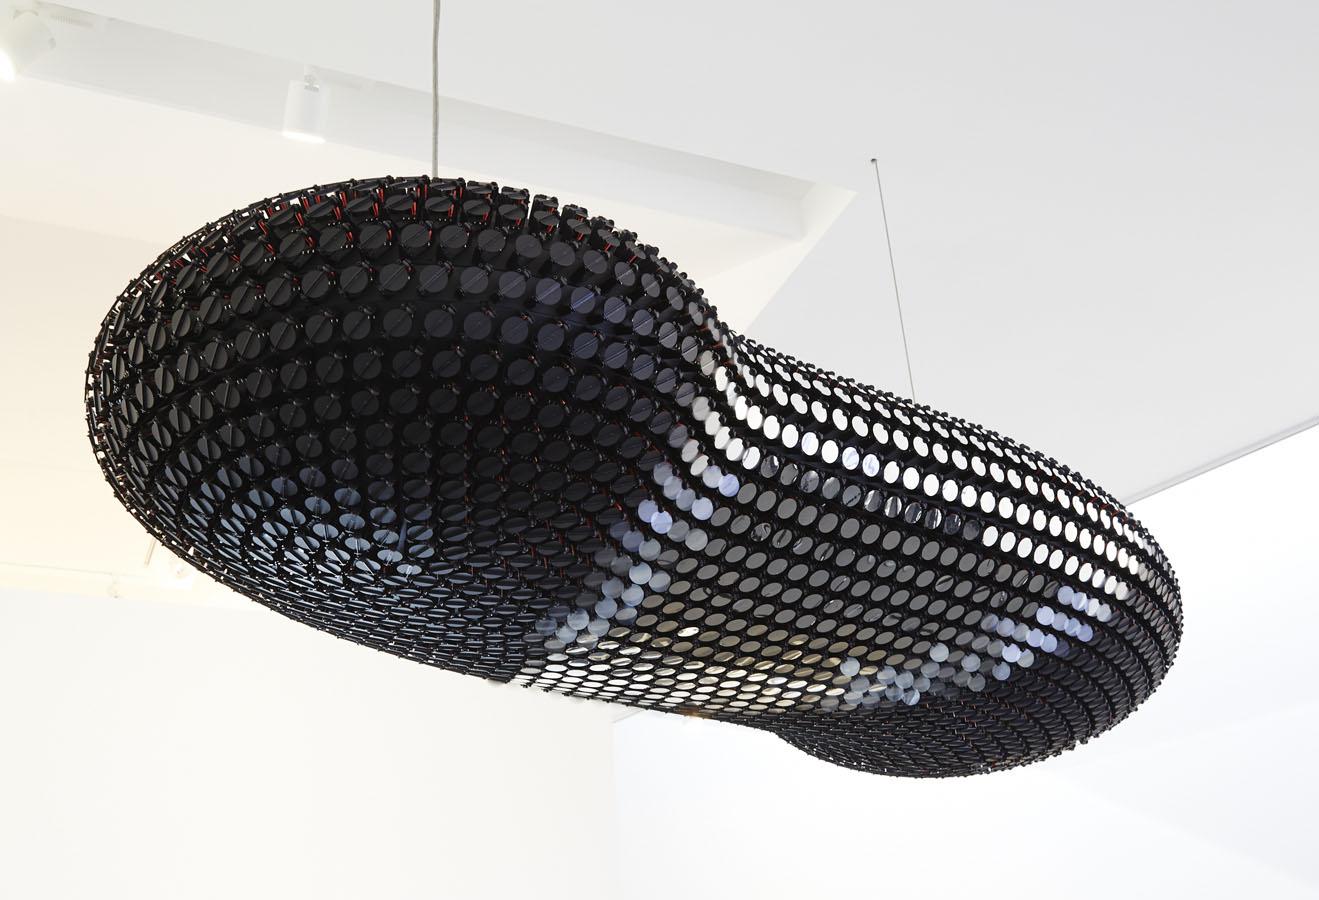 'Cloud', 2014 | Troika (Eva Rucki, Sebastien Noel, Conny Freyer)